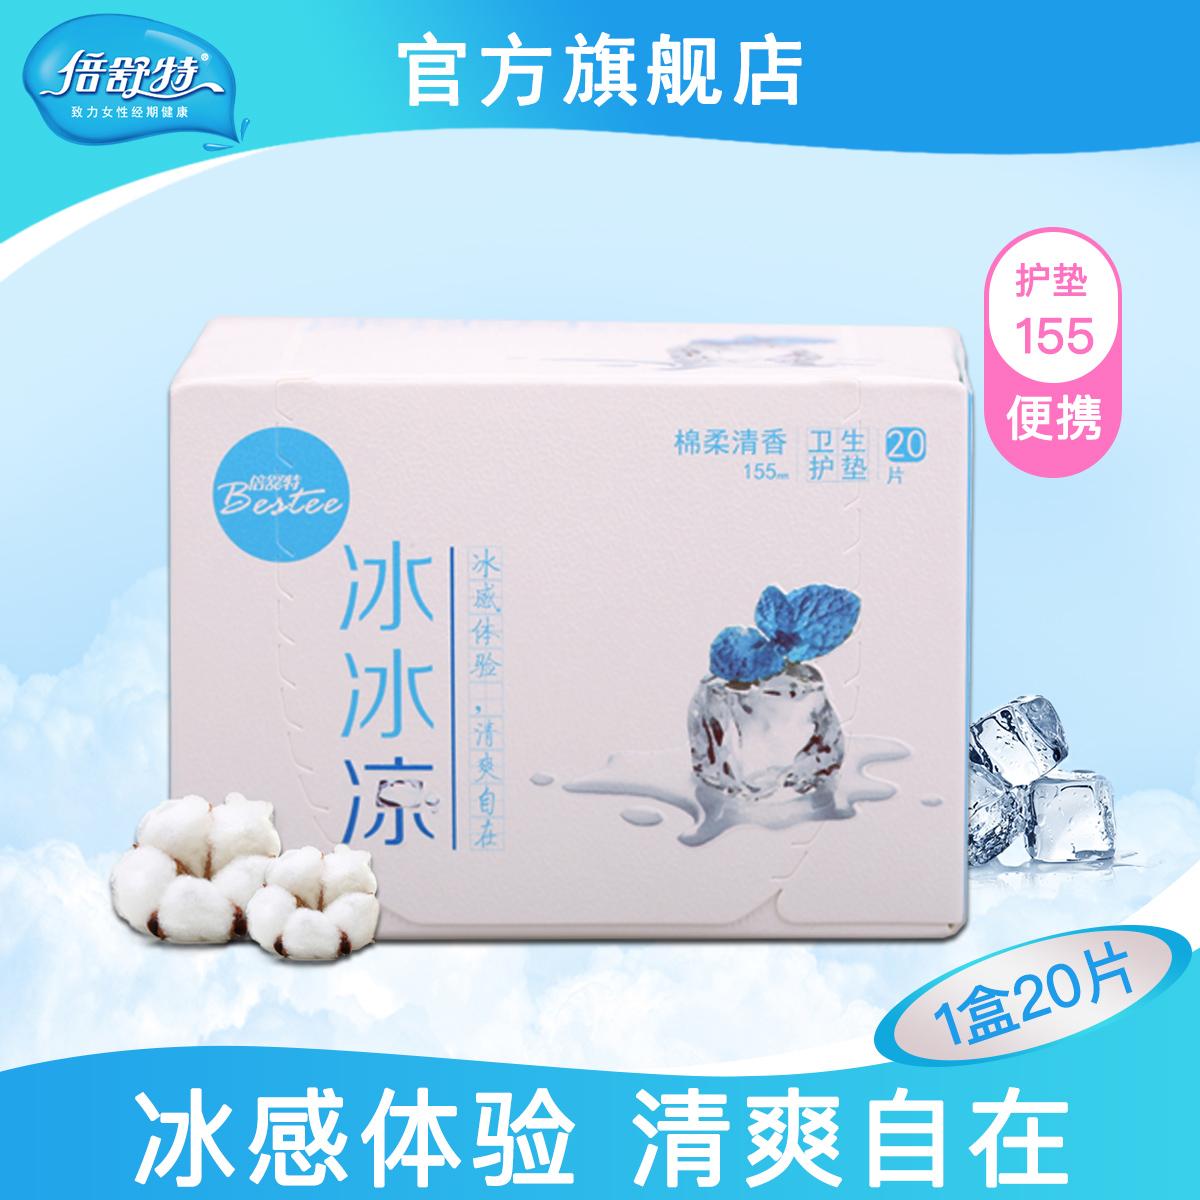 倍舒特卫生巾 冰冰凉超薄棉柔护垫155mm20片